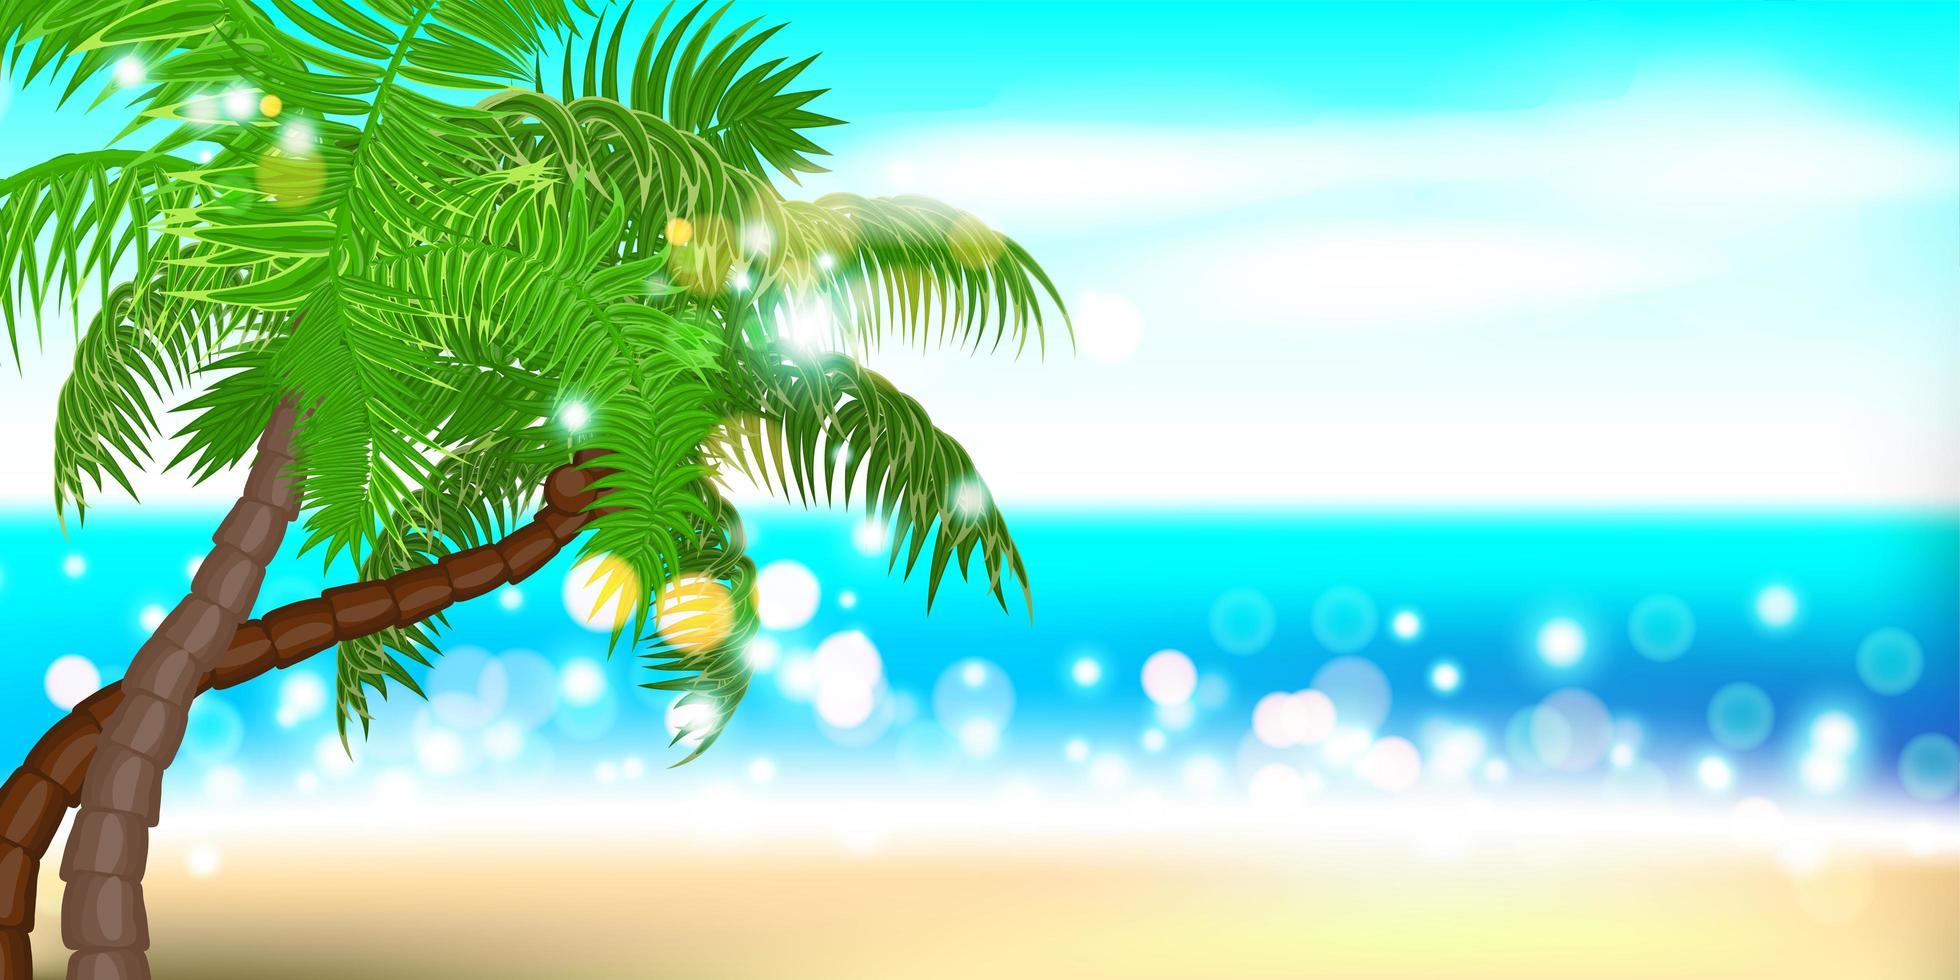 ora legale paesaggio di palme sulla spiaggia vettore